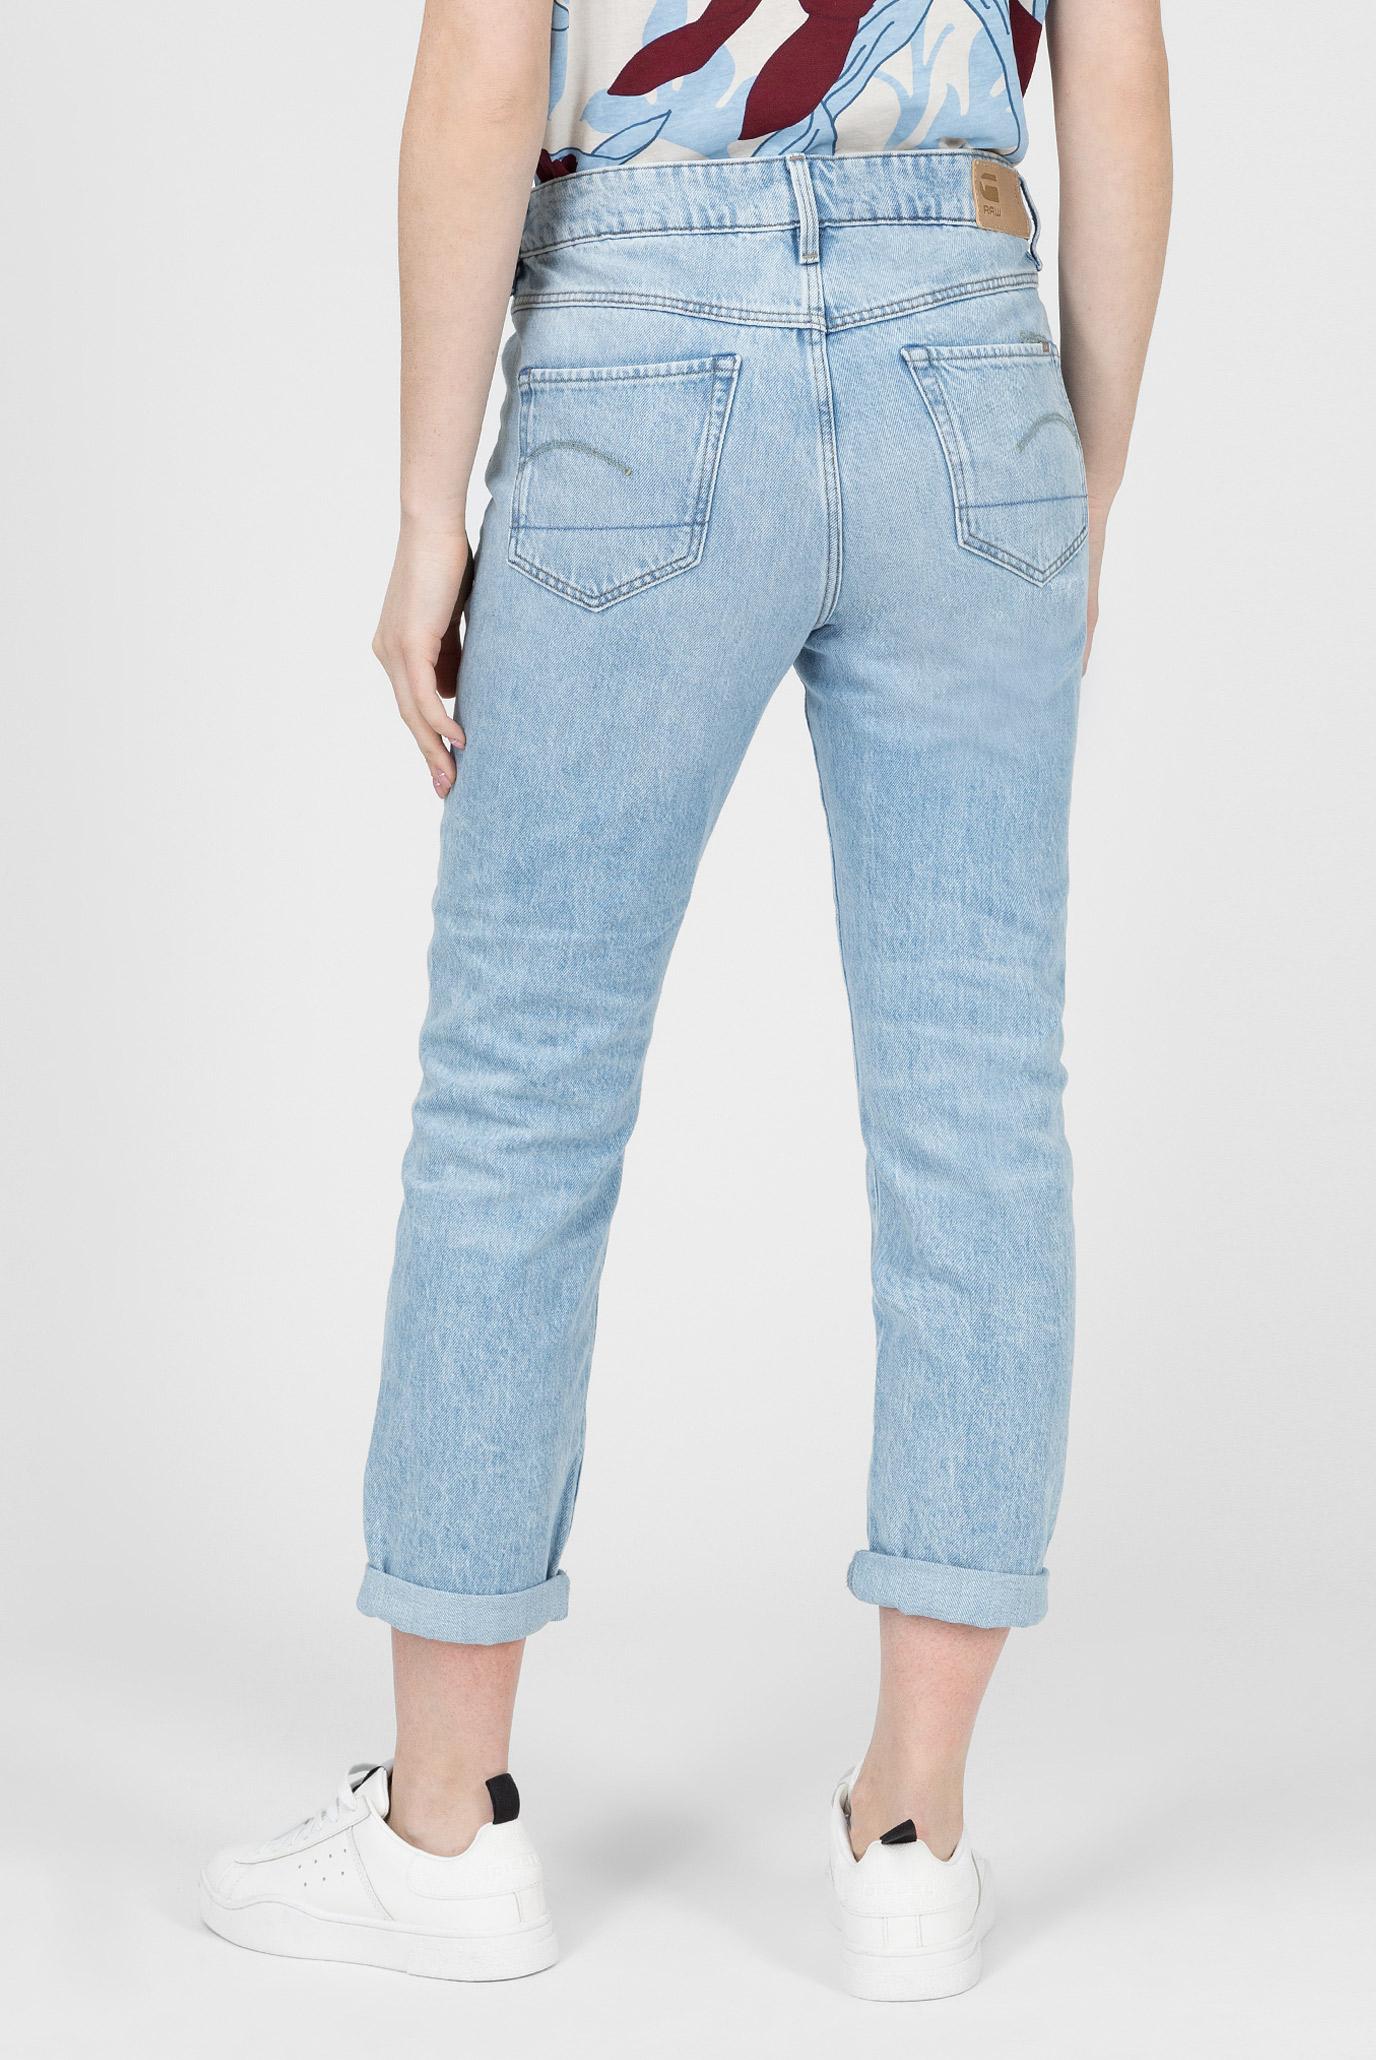 Купить Женские голубые джинсы 3301 G-Star RAW G-Star RAW D11605,A927 – Киев, Украина. Цены в интернет магазине MD Fashion